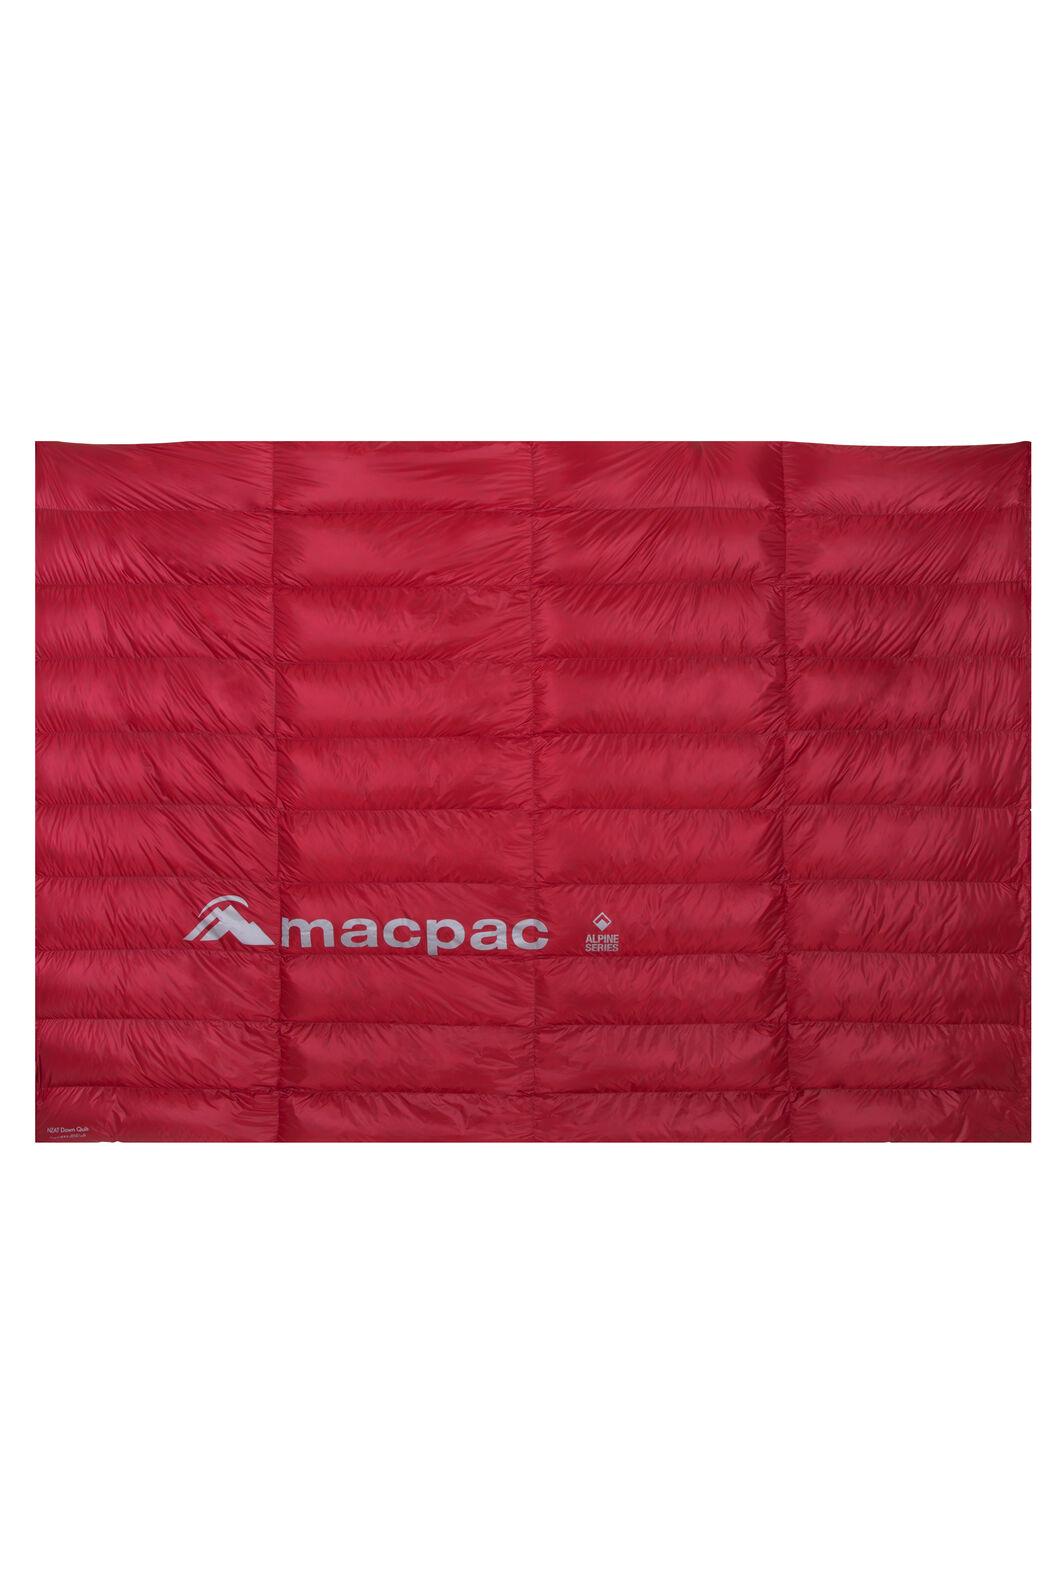 Macpac NZAT HyperDRY™ Down Quilt 350, Scarlet Sage, hi-res